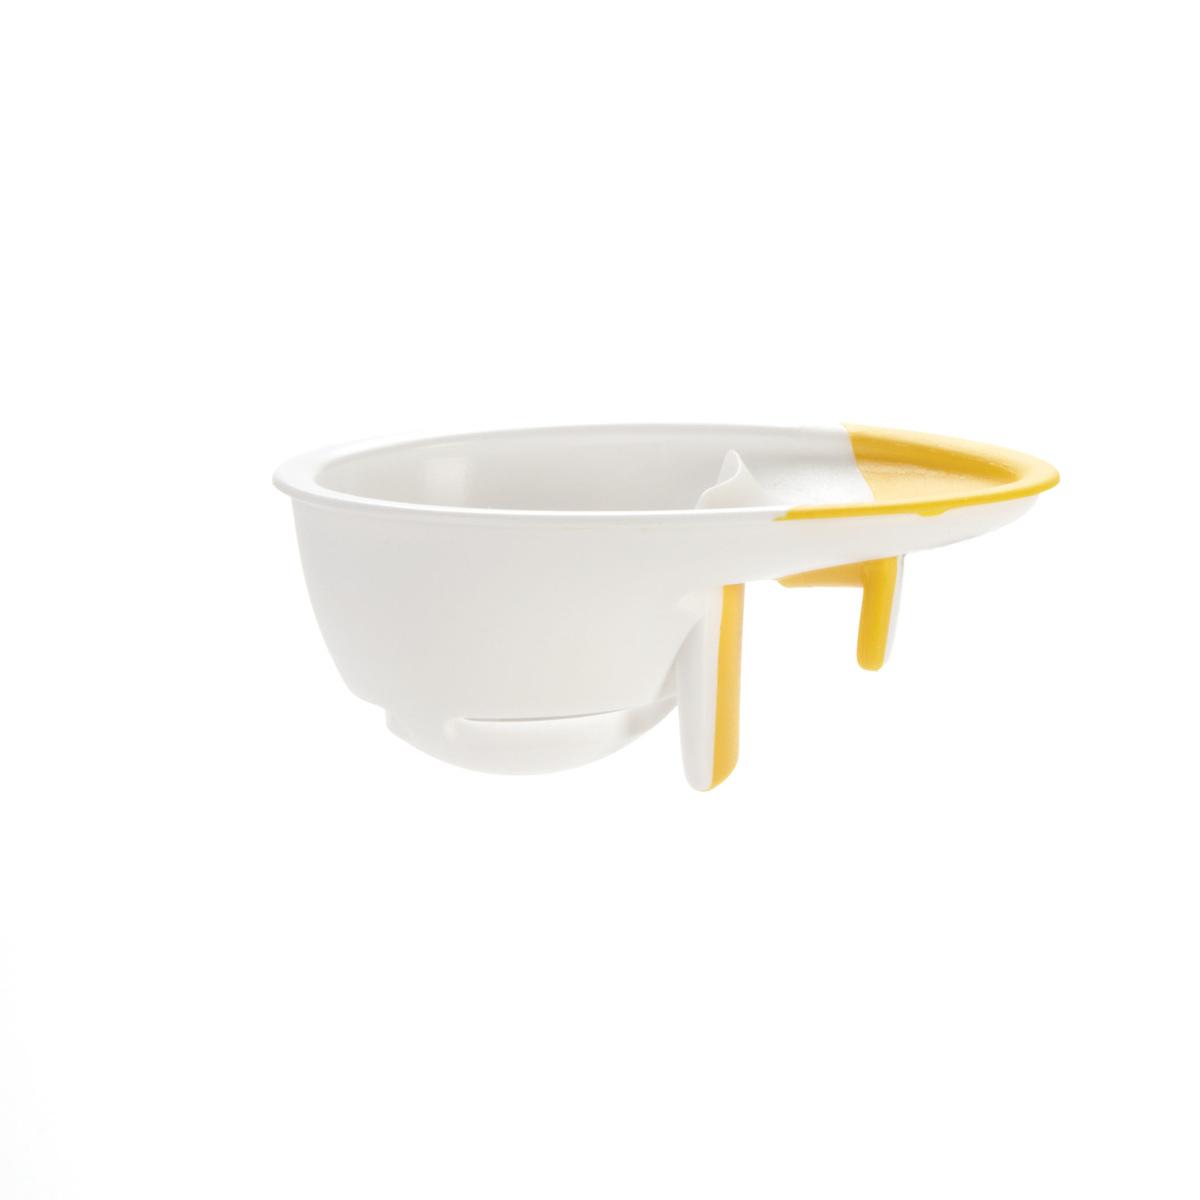 Сепаратор для яиц OXO COOKING UTENSILS, 4х12х22 см, белый OXO 1147780 фото 4